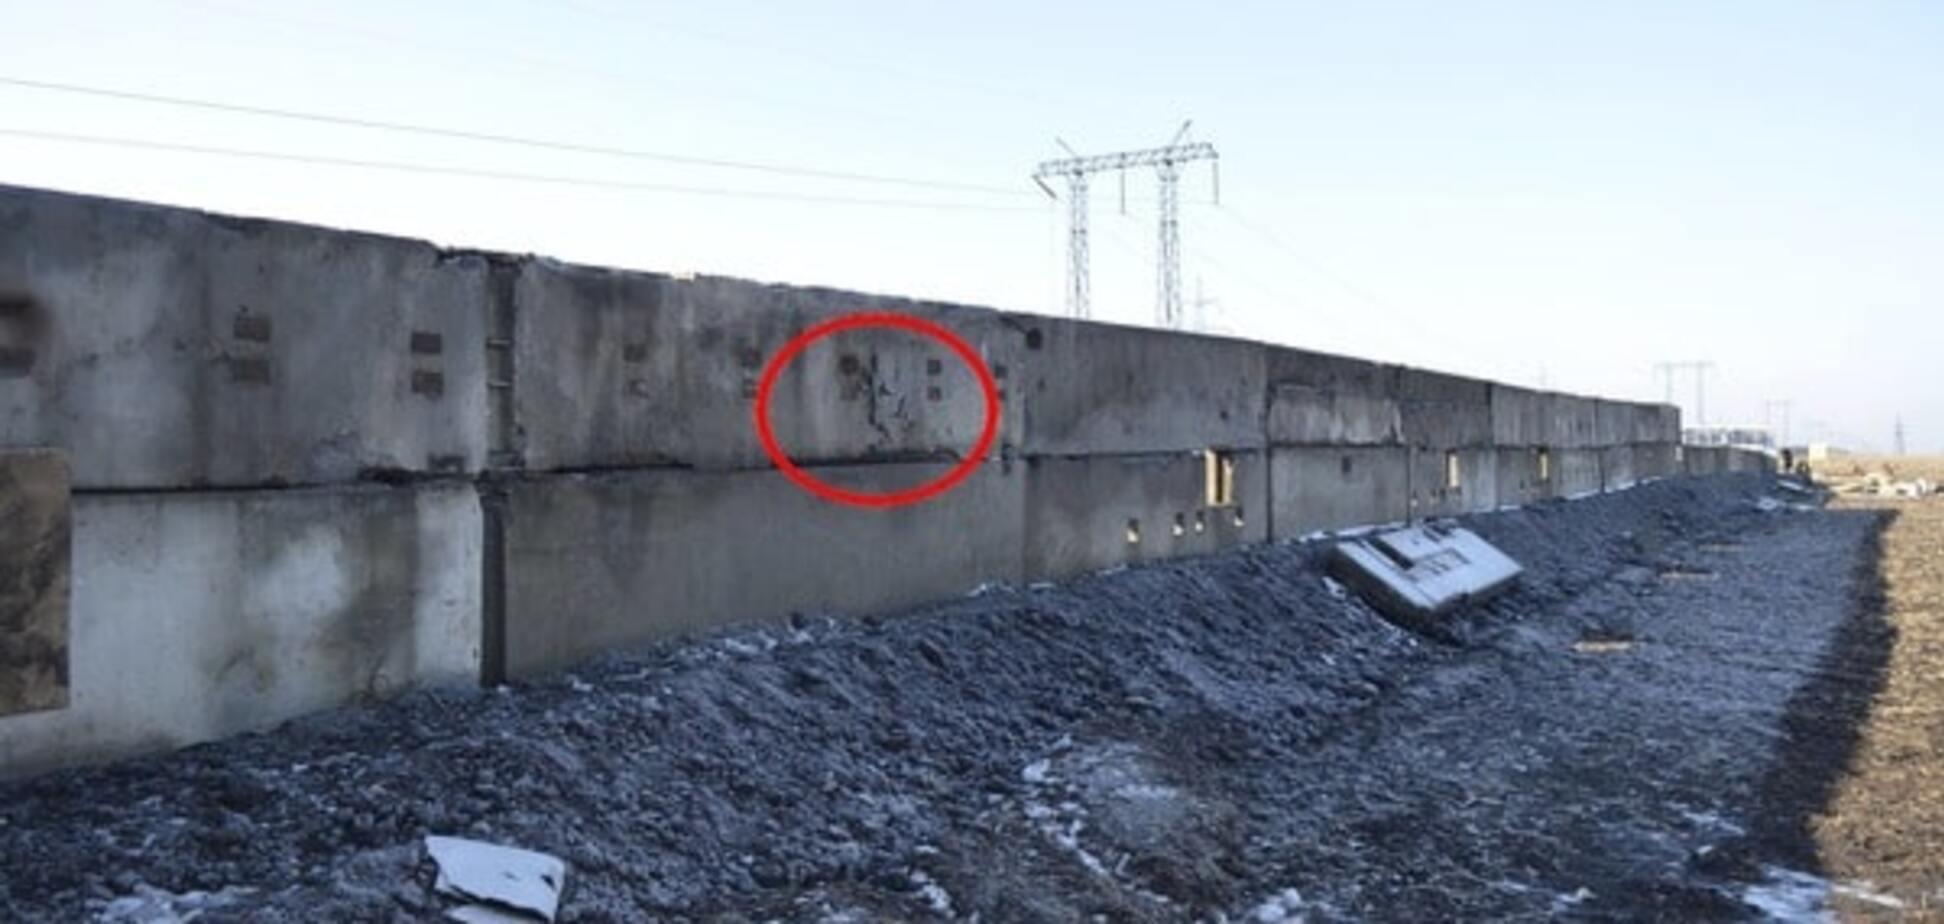 Штаб АТО показал последствия обстрела террористами 'Марьинки': опубликованы фото и видео